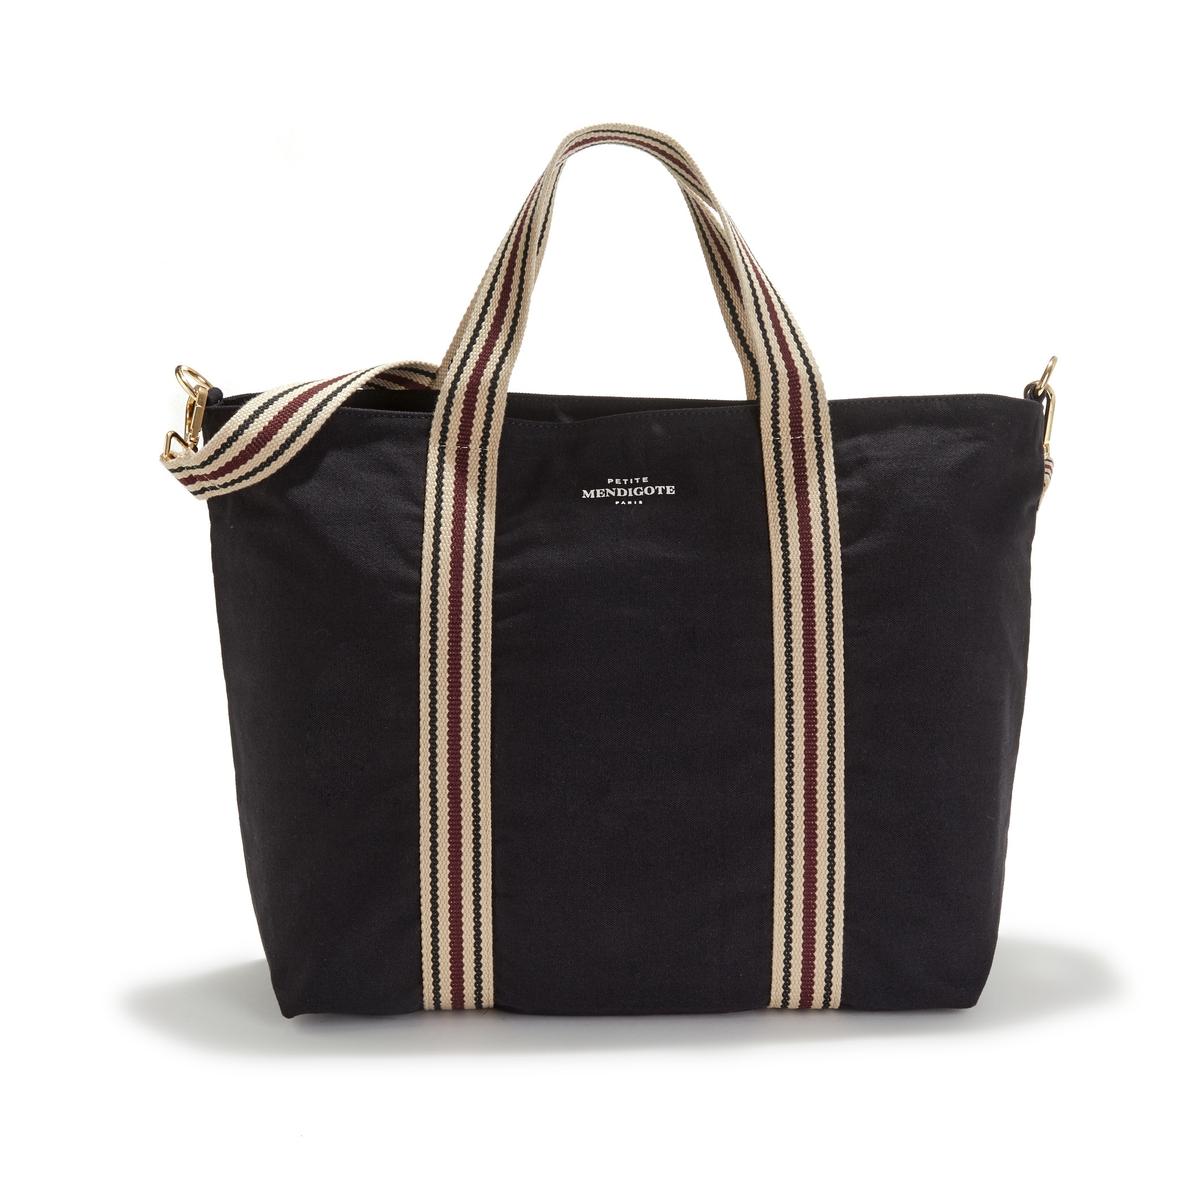 Сумка La Redoute CLEA PLAIN BLACK единый размер черный сумка la redoute clea plain cacao единый размер желтый